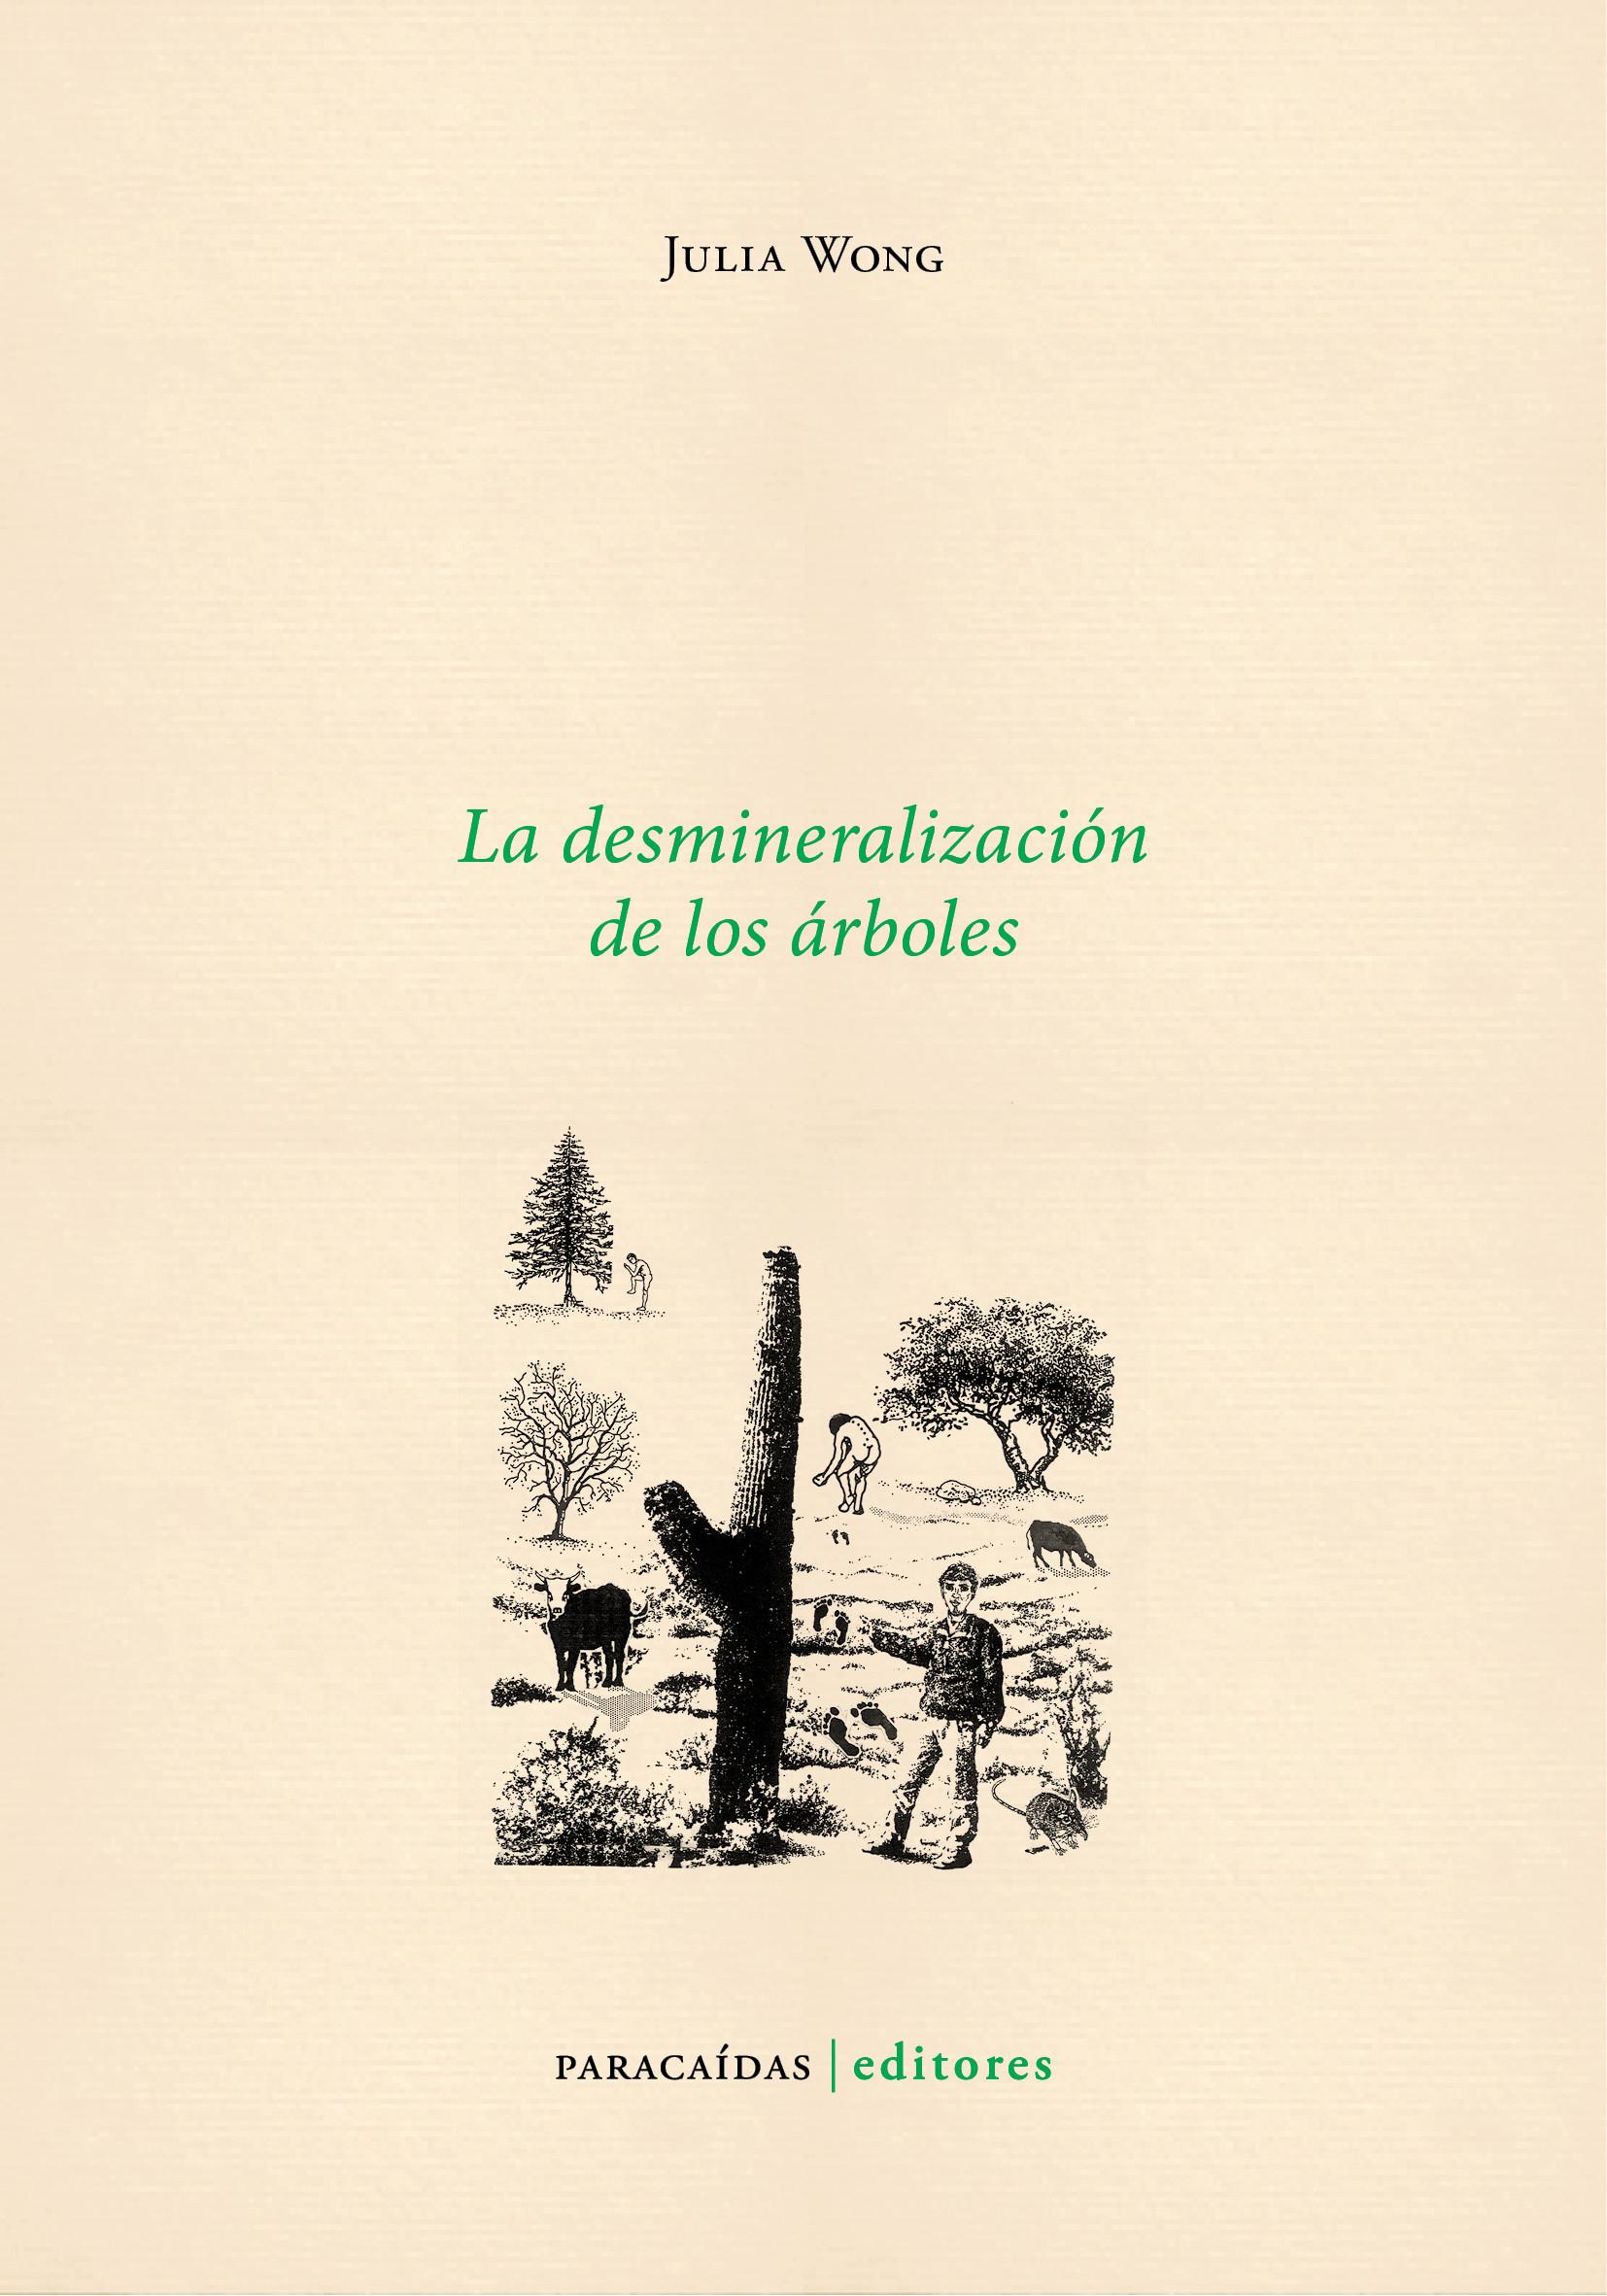 La desmineralización de los árboles